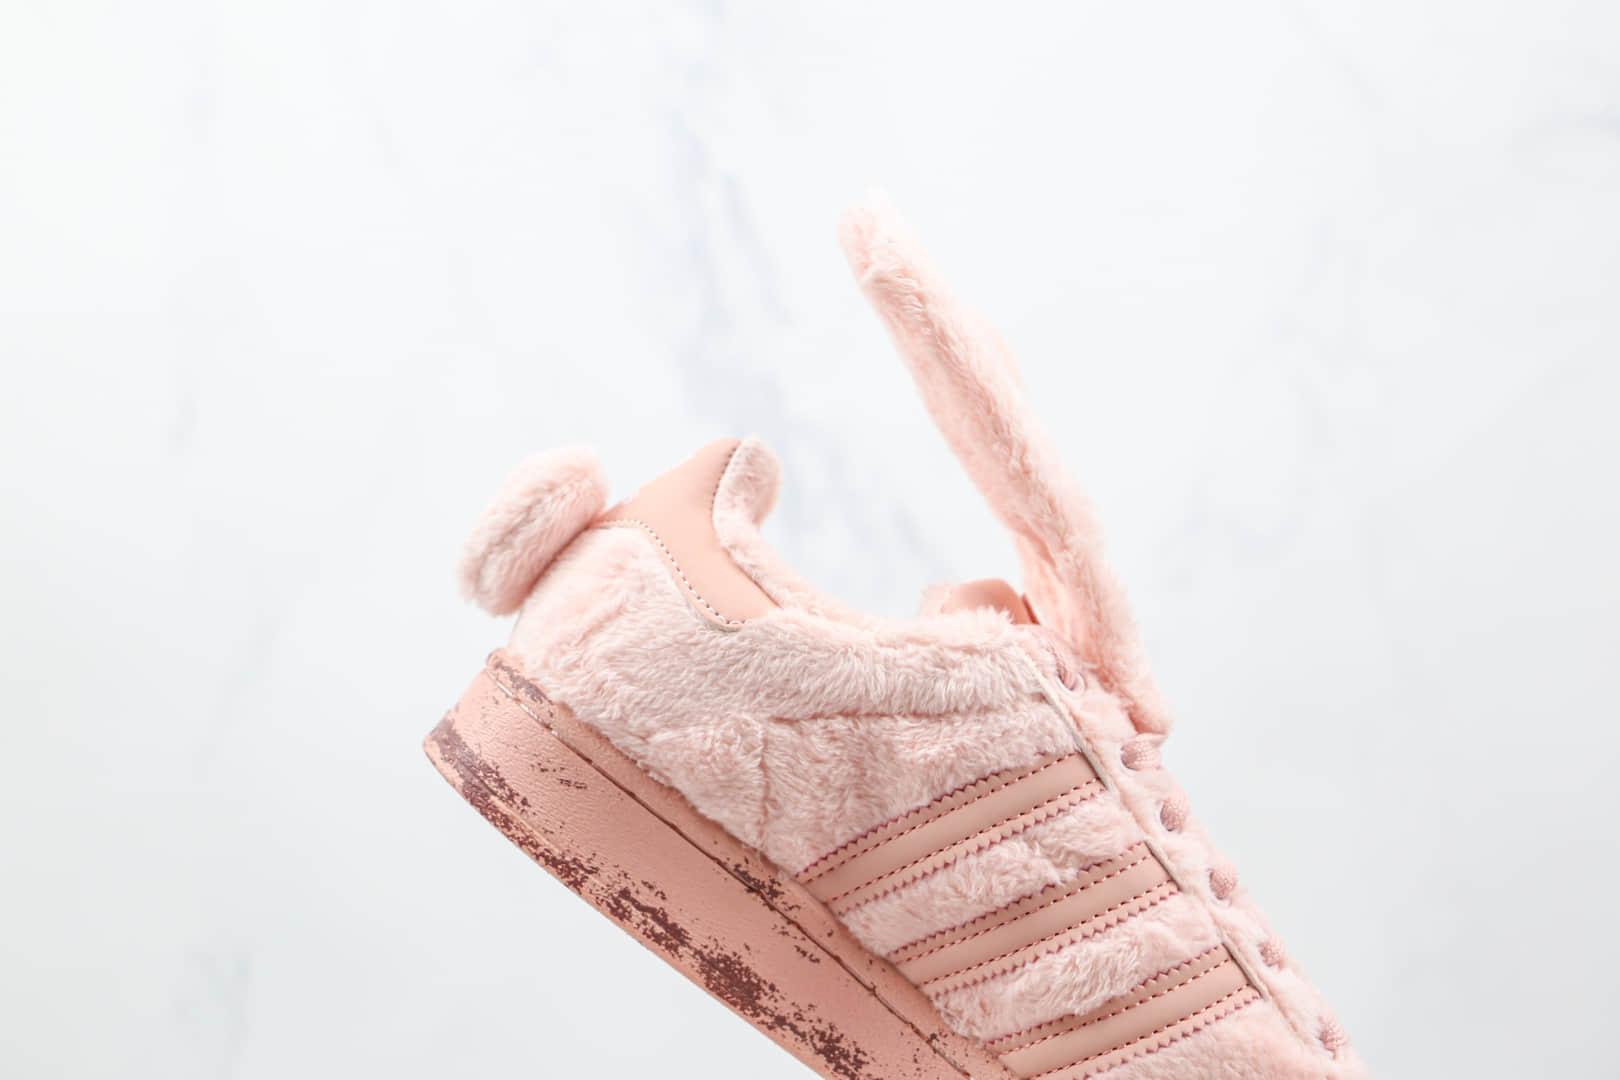 阿迪达斯Adidas originals Superstar Karoro纯原版本三叶草粉兔子长绒贝壳头板鞋原盒原标 货号:FZ5258